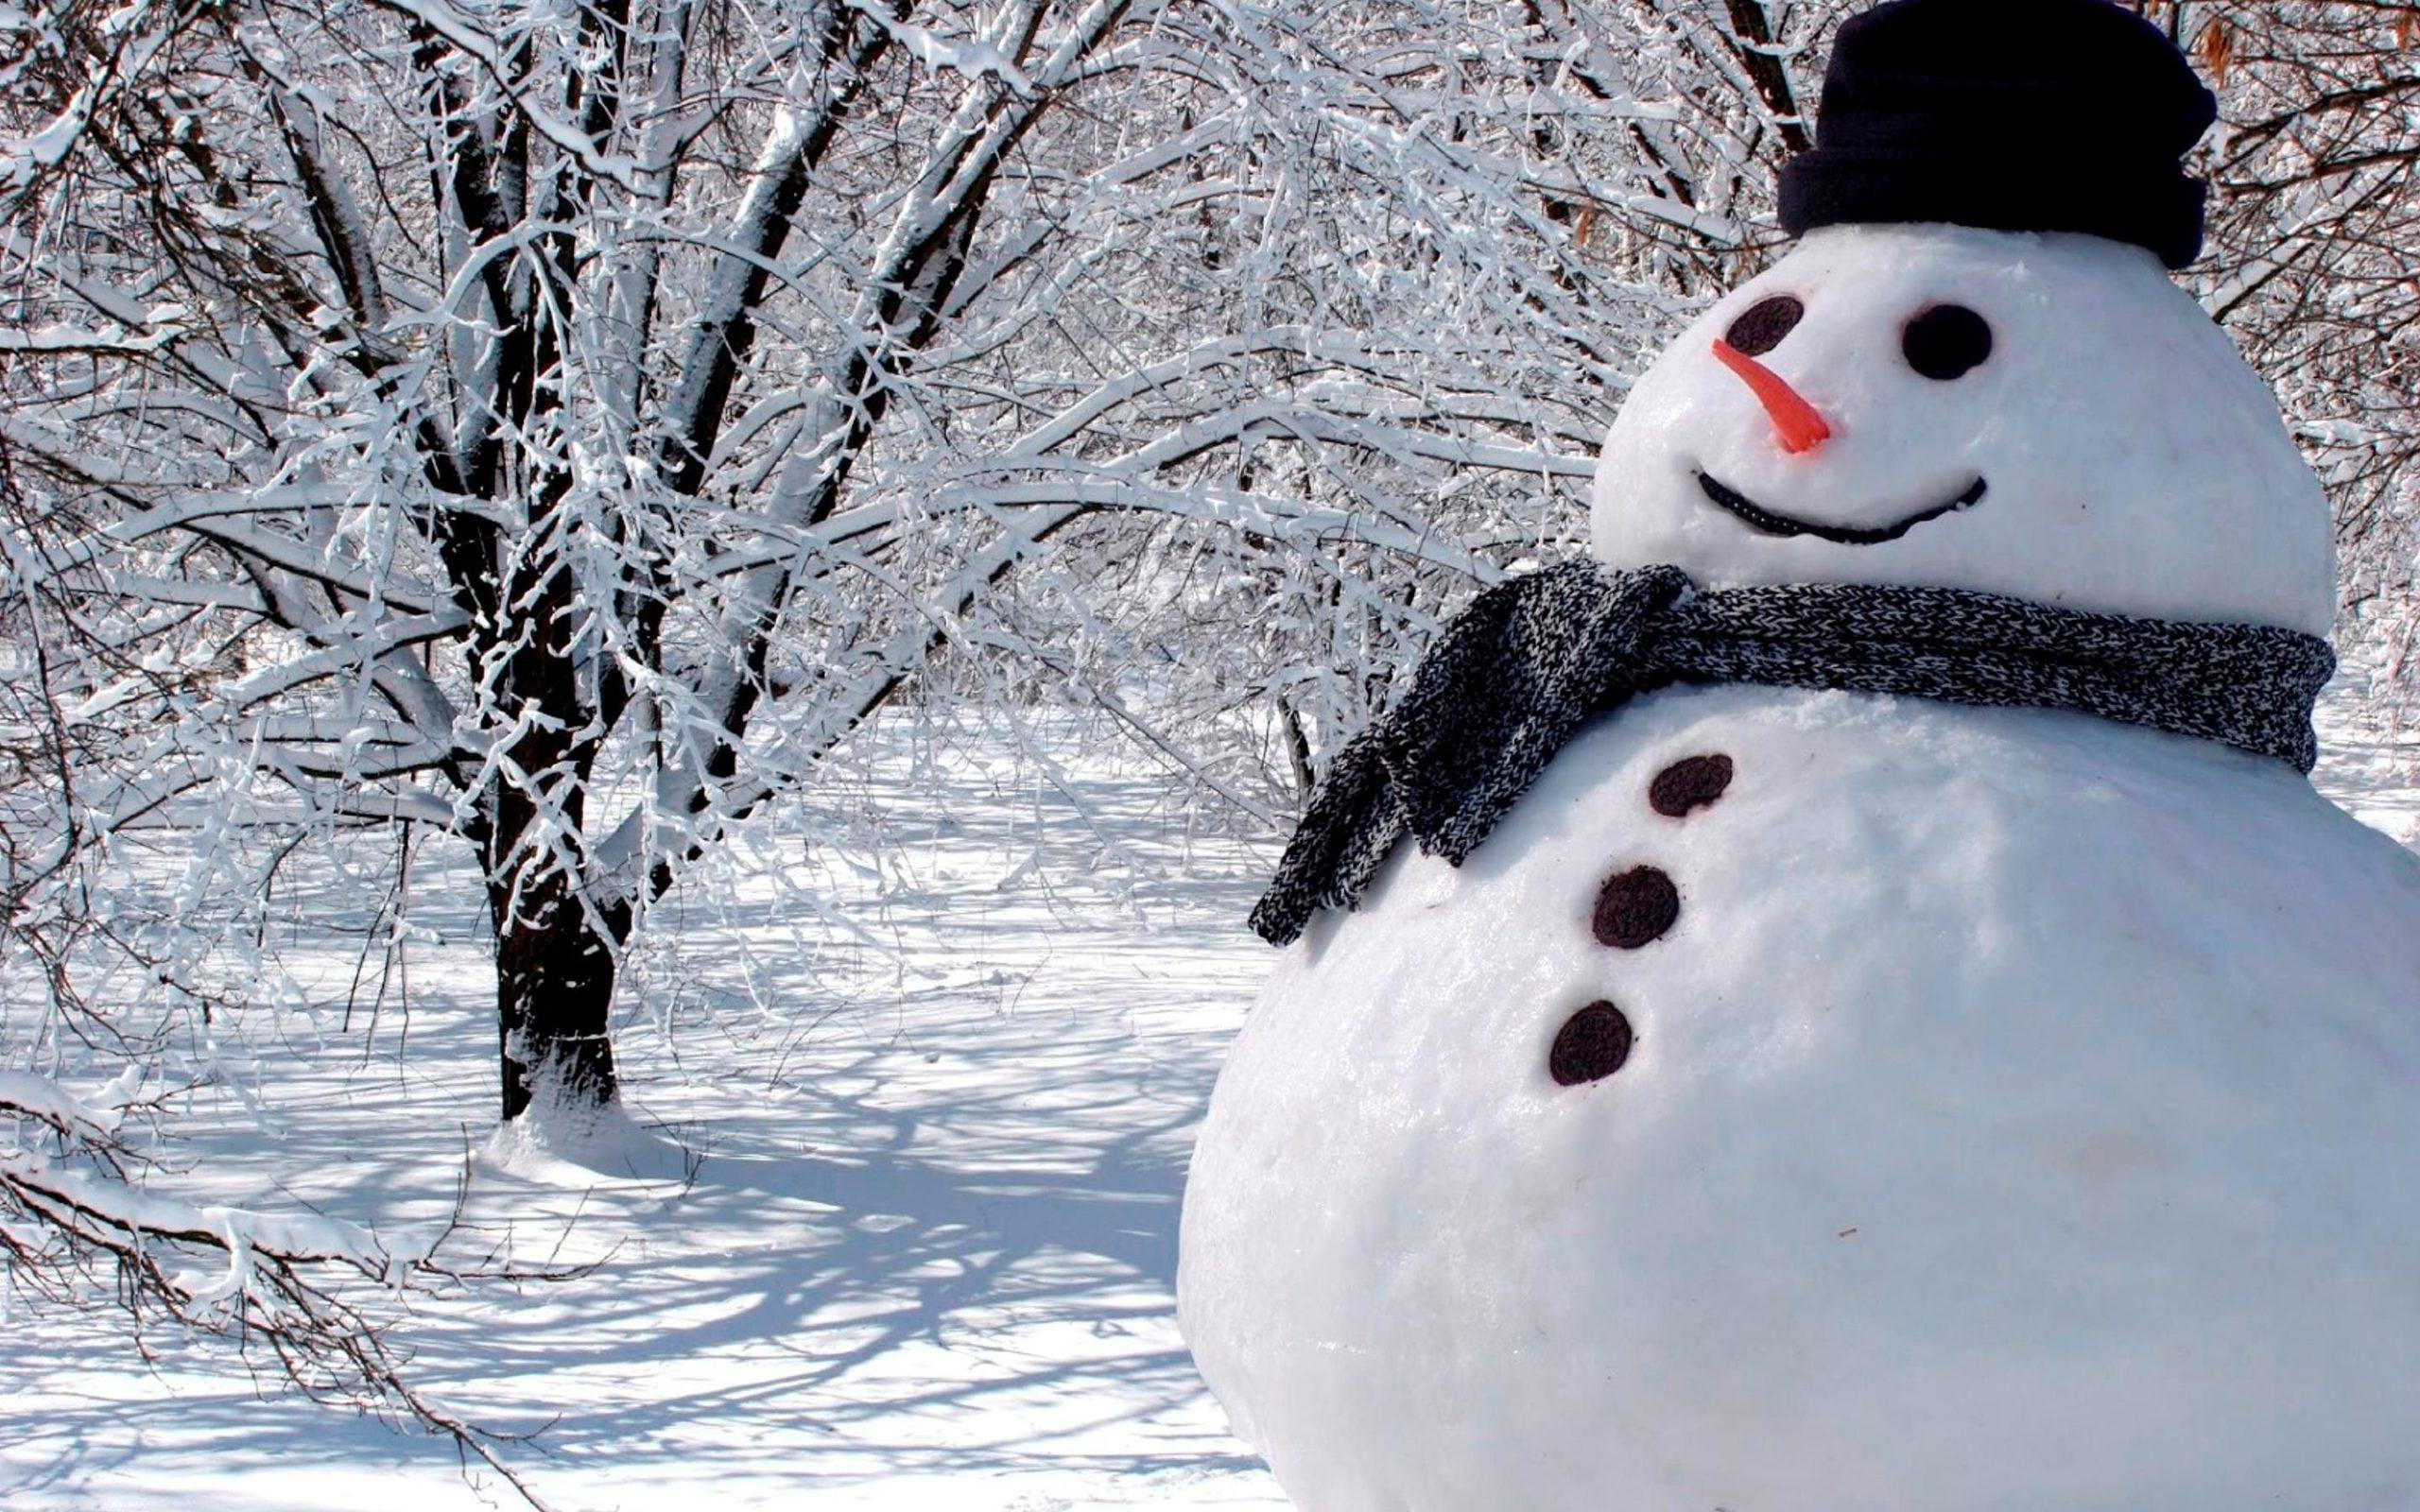 free snowman images 4k